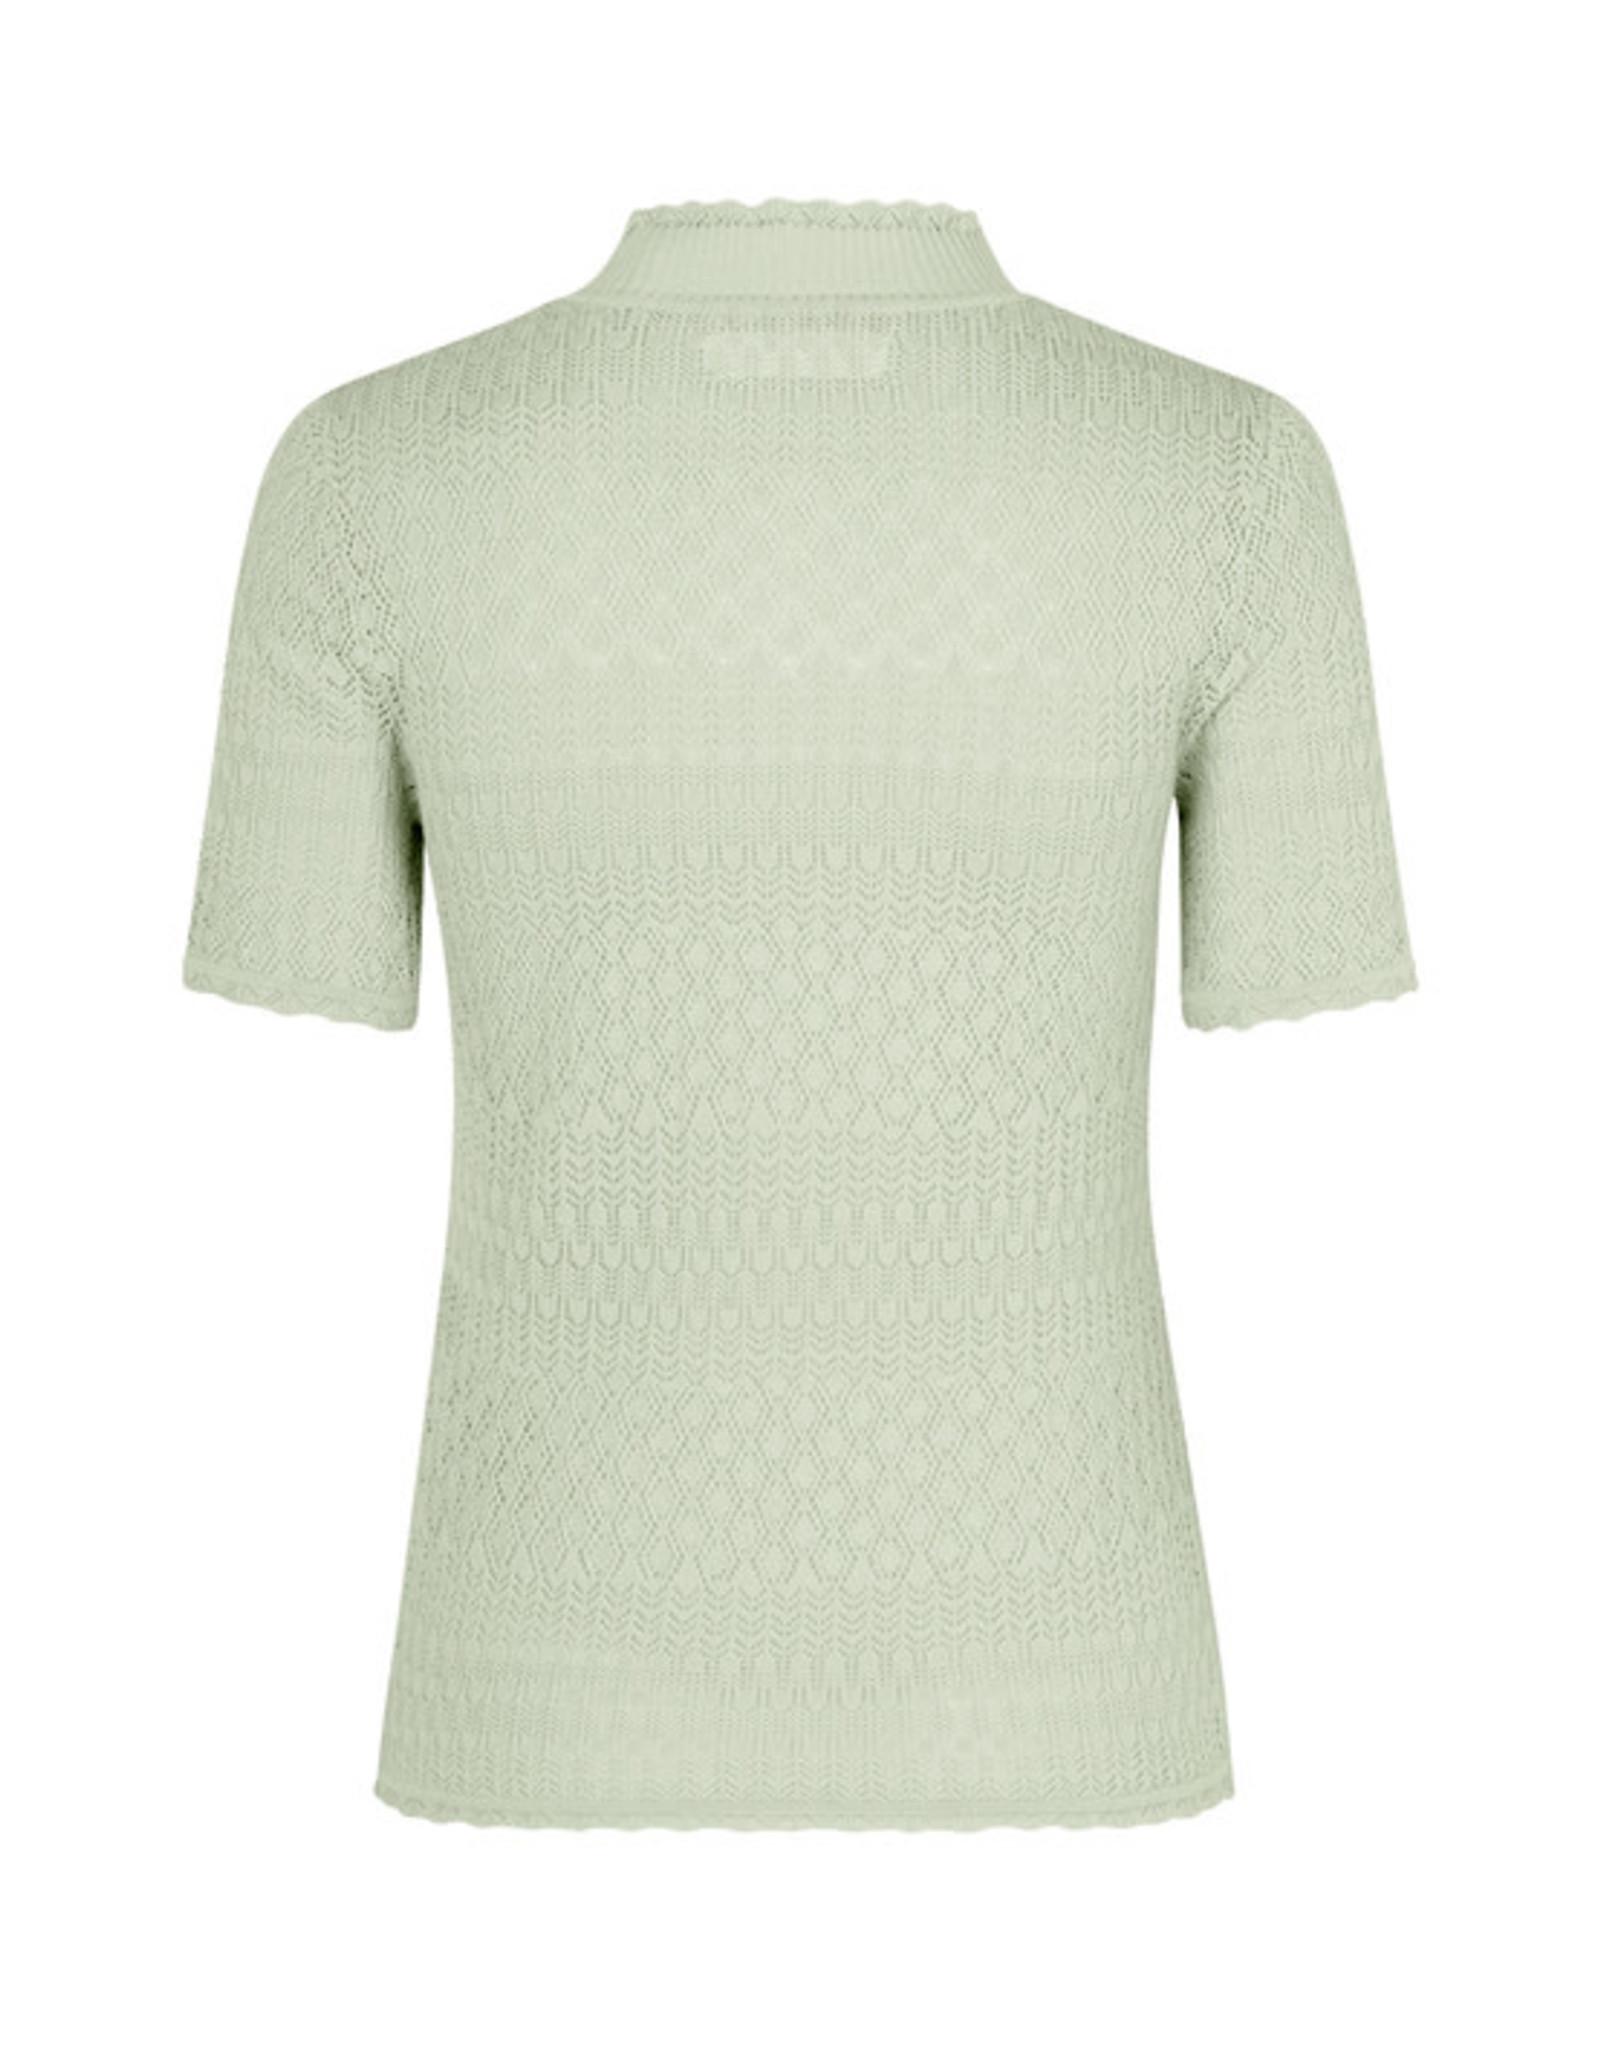 Samsoe & Samsoe Rho t-shirt Fog green